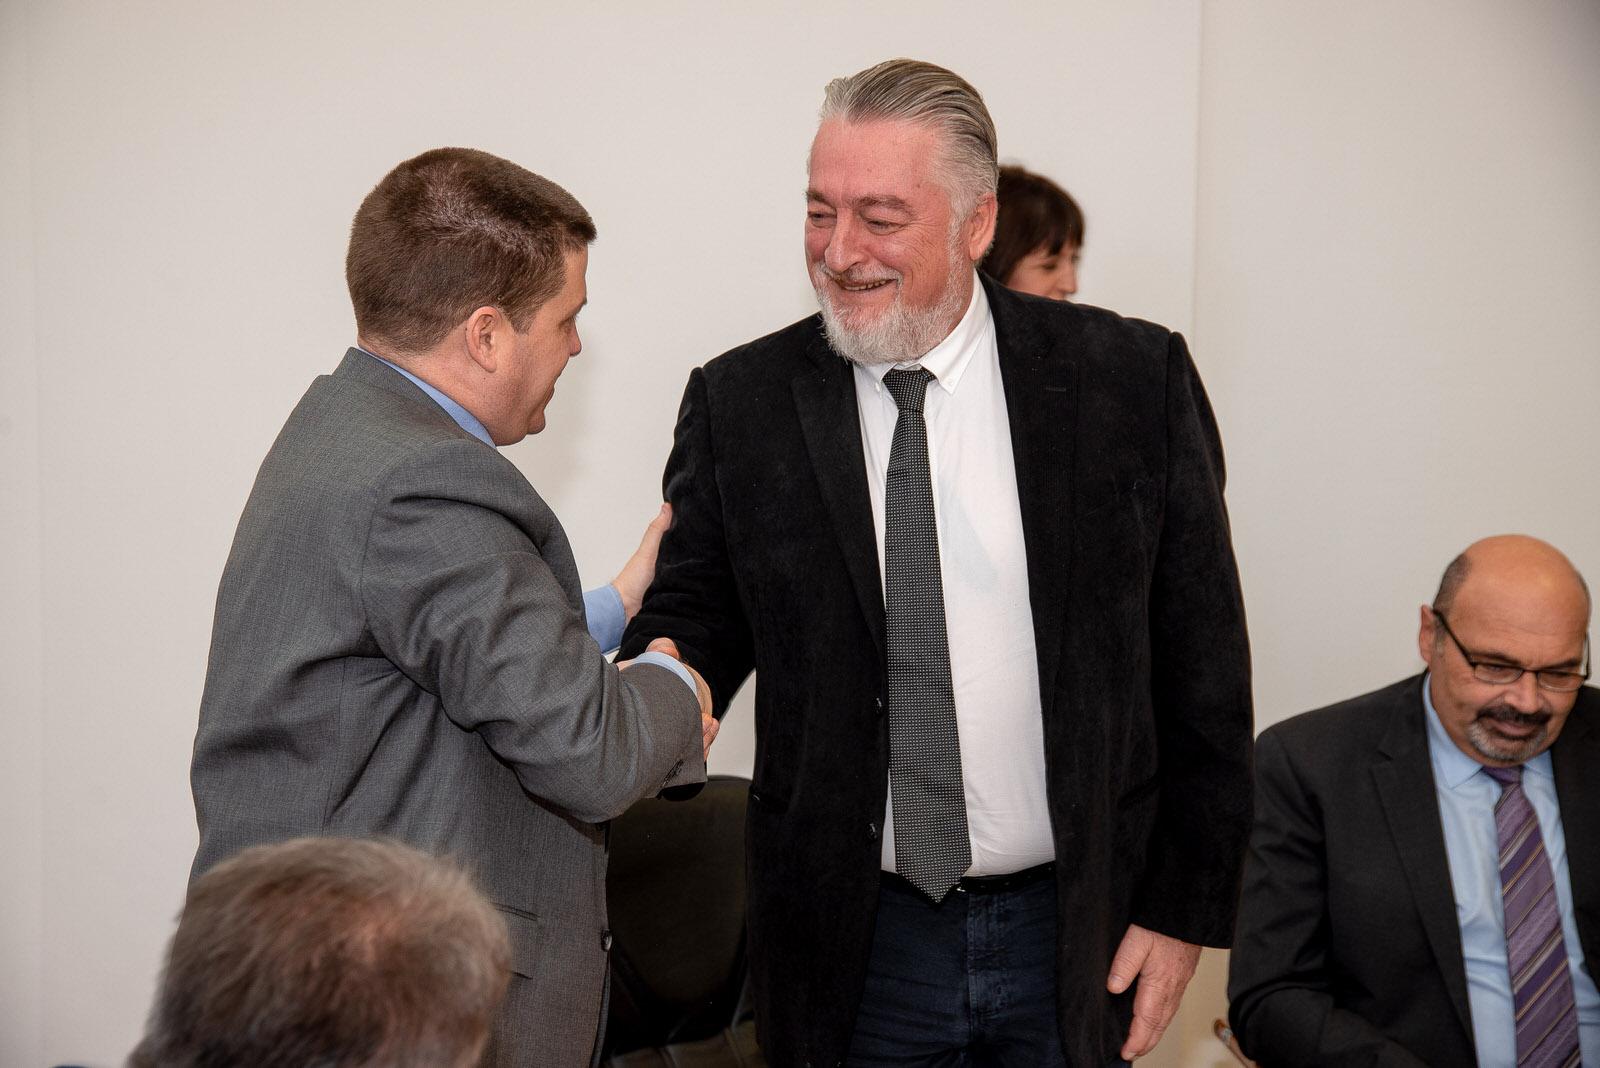 likaclub_svečanosti potpisivanja ugovora i sporazuma_lsž_28-2-2020 (19)